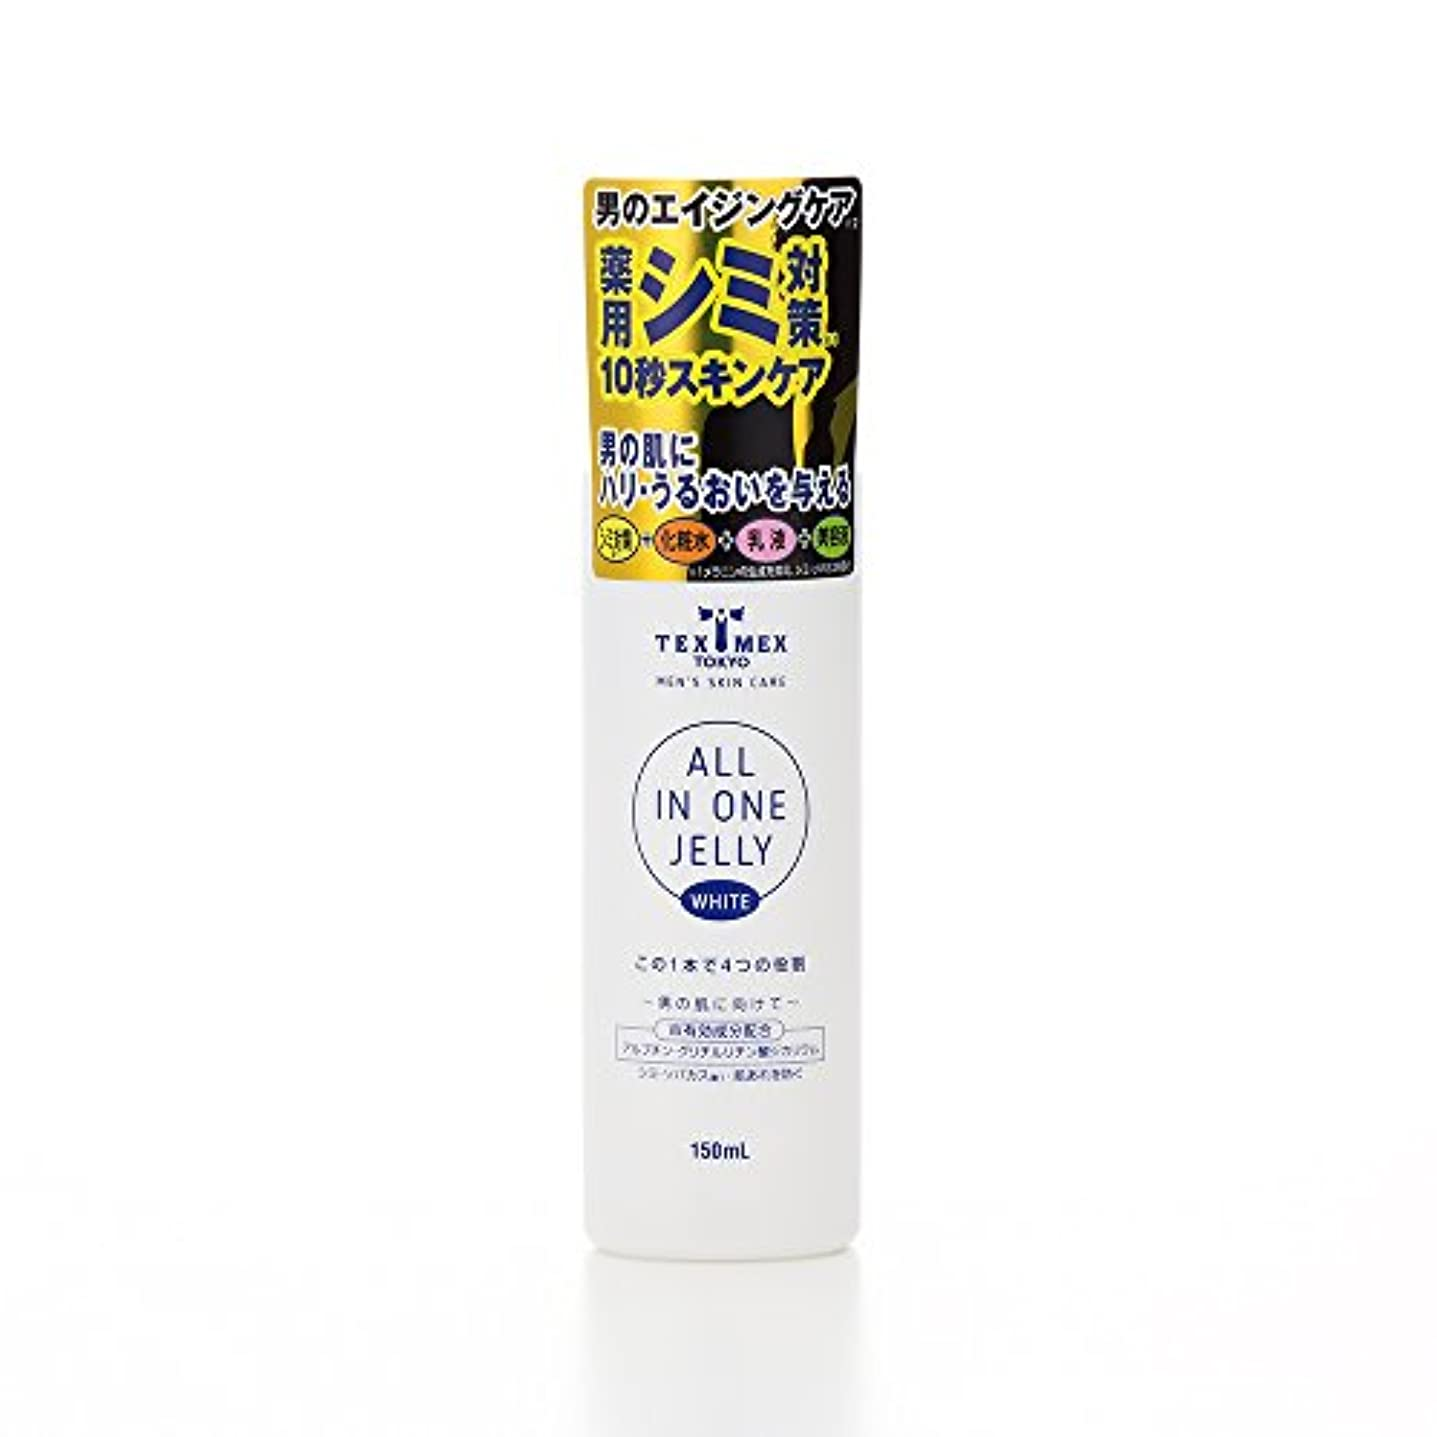 ウィザード若者意義テックスメックス 薬用スキンケアジェリー WH (ジェル状美容液) 150mL (医薬部外品)